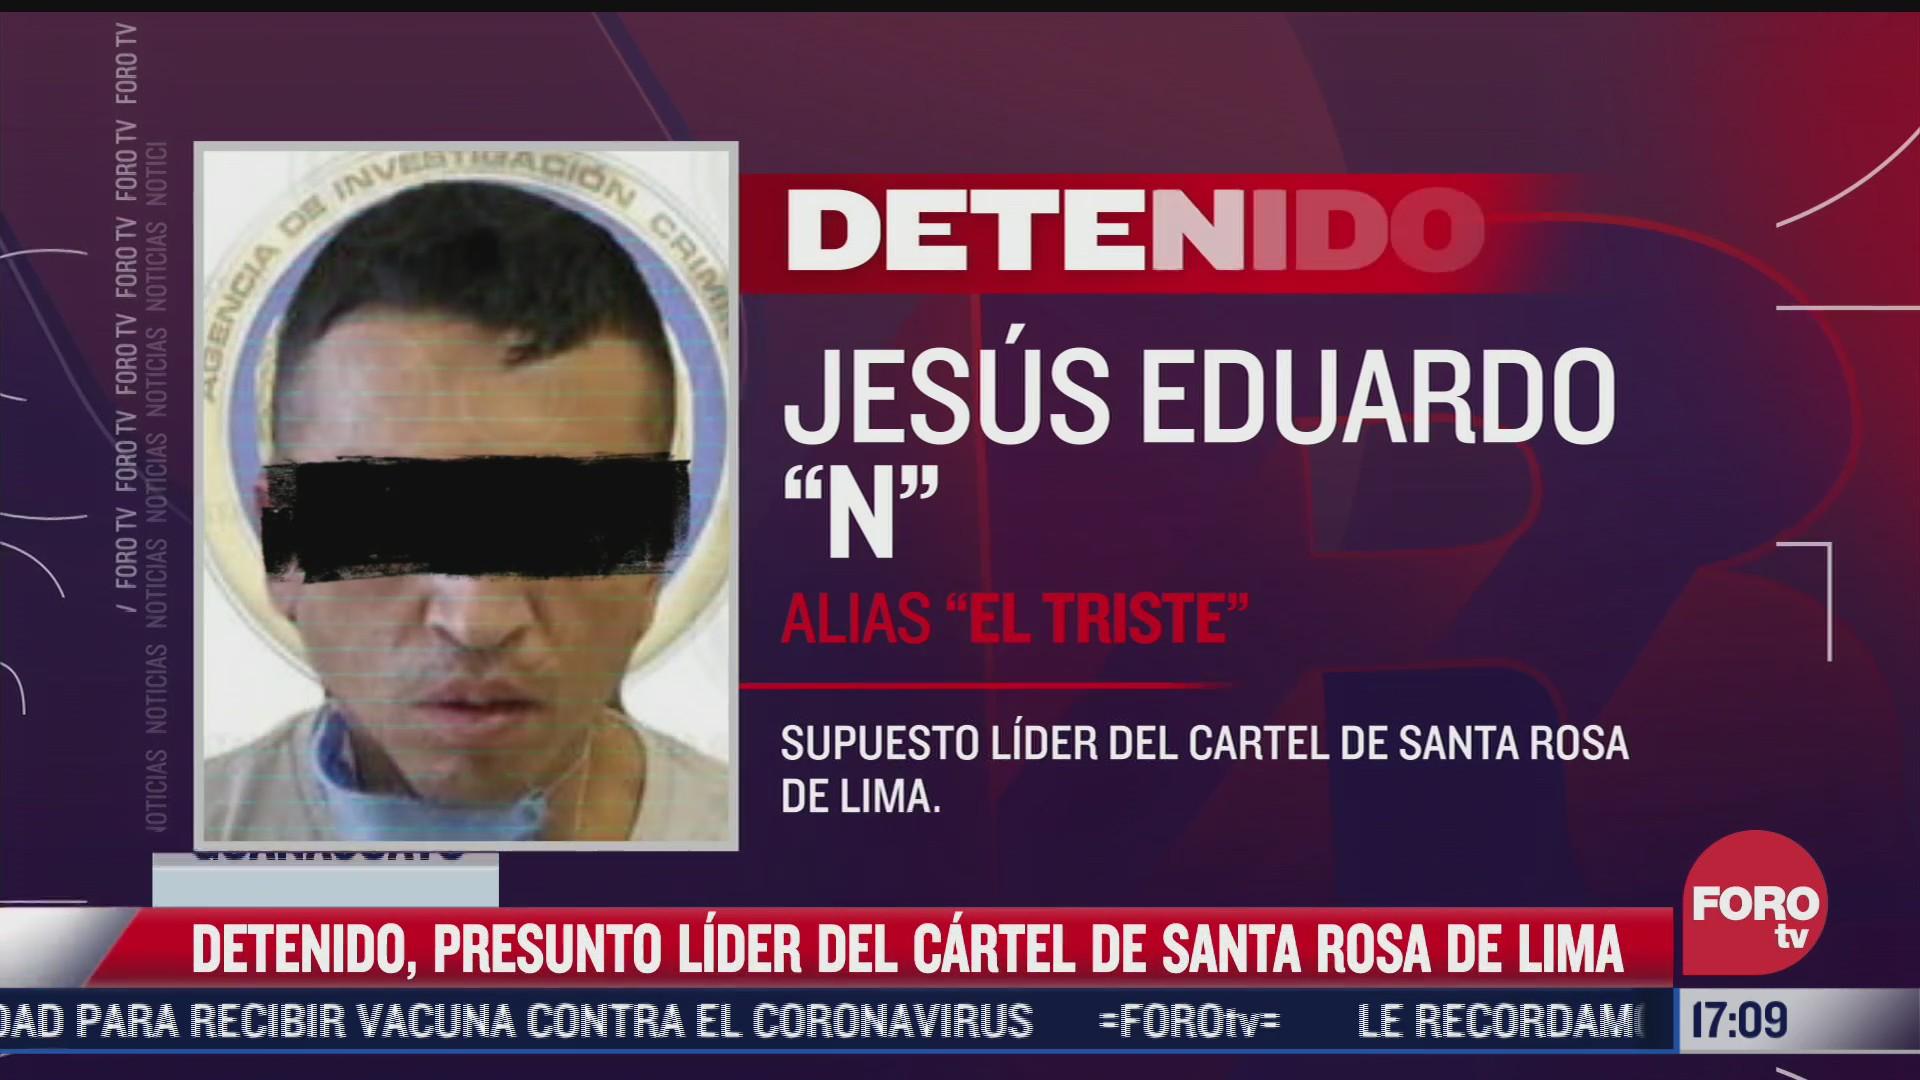 detienen a jesus n alias el triste presunto lider del cartel santa rosa de lima